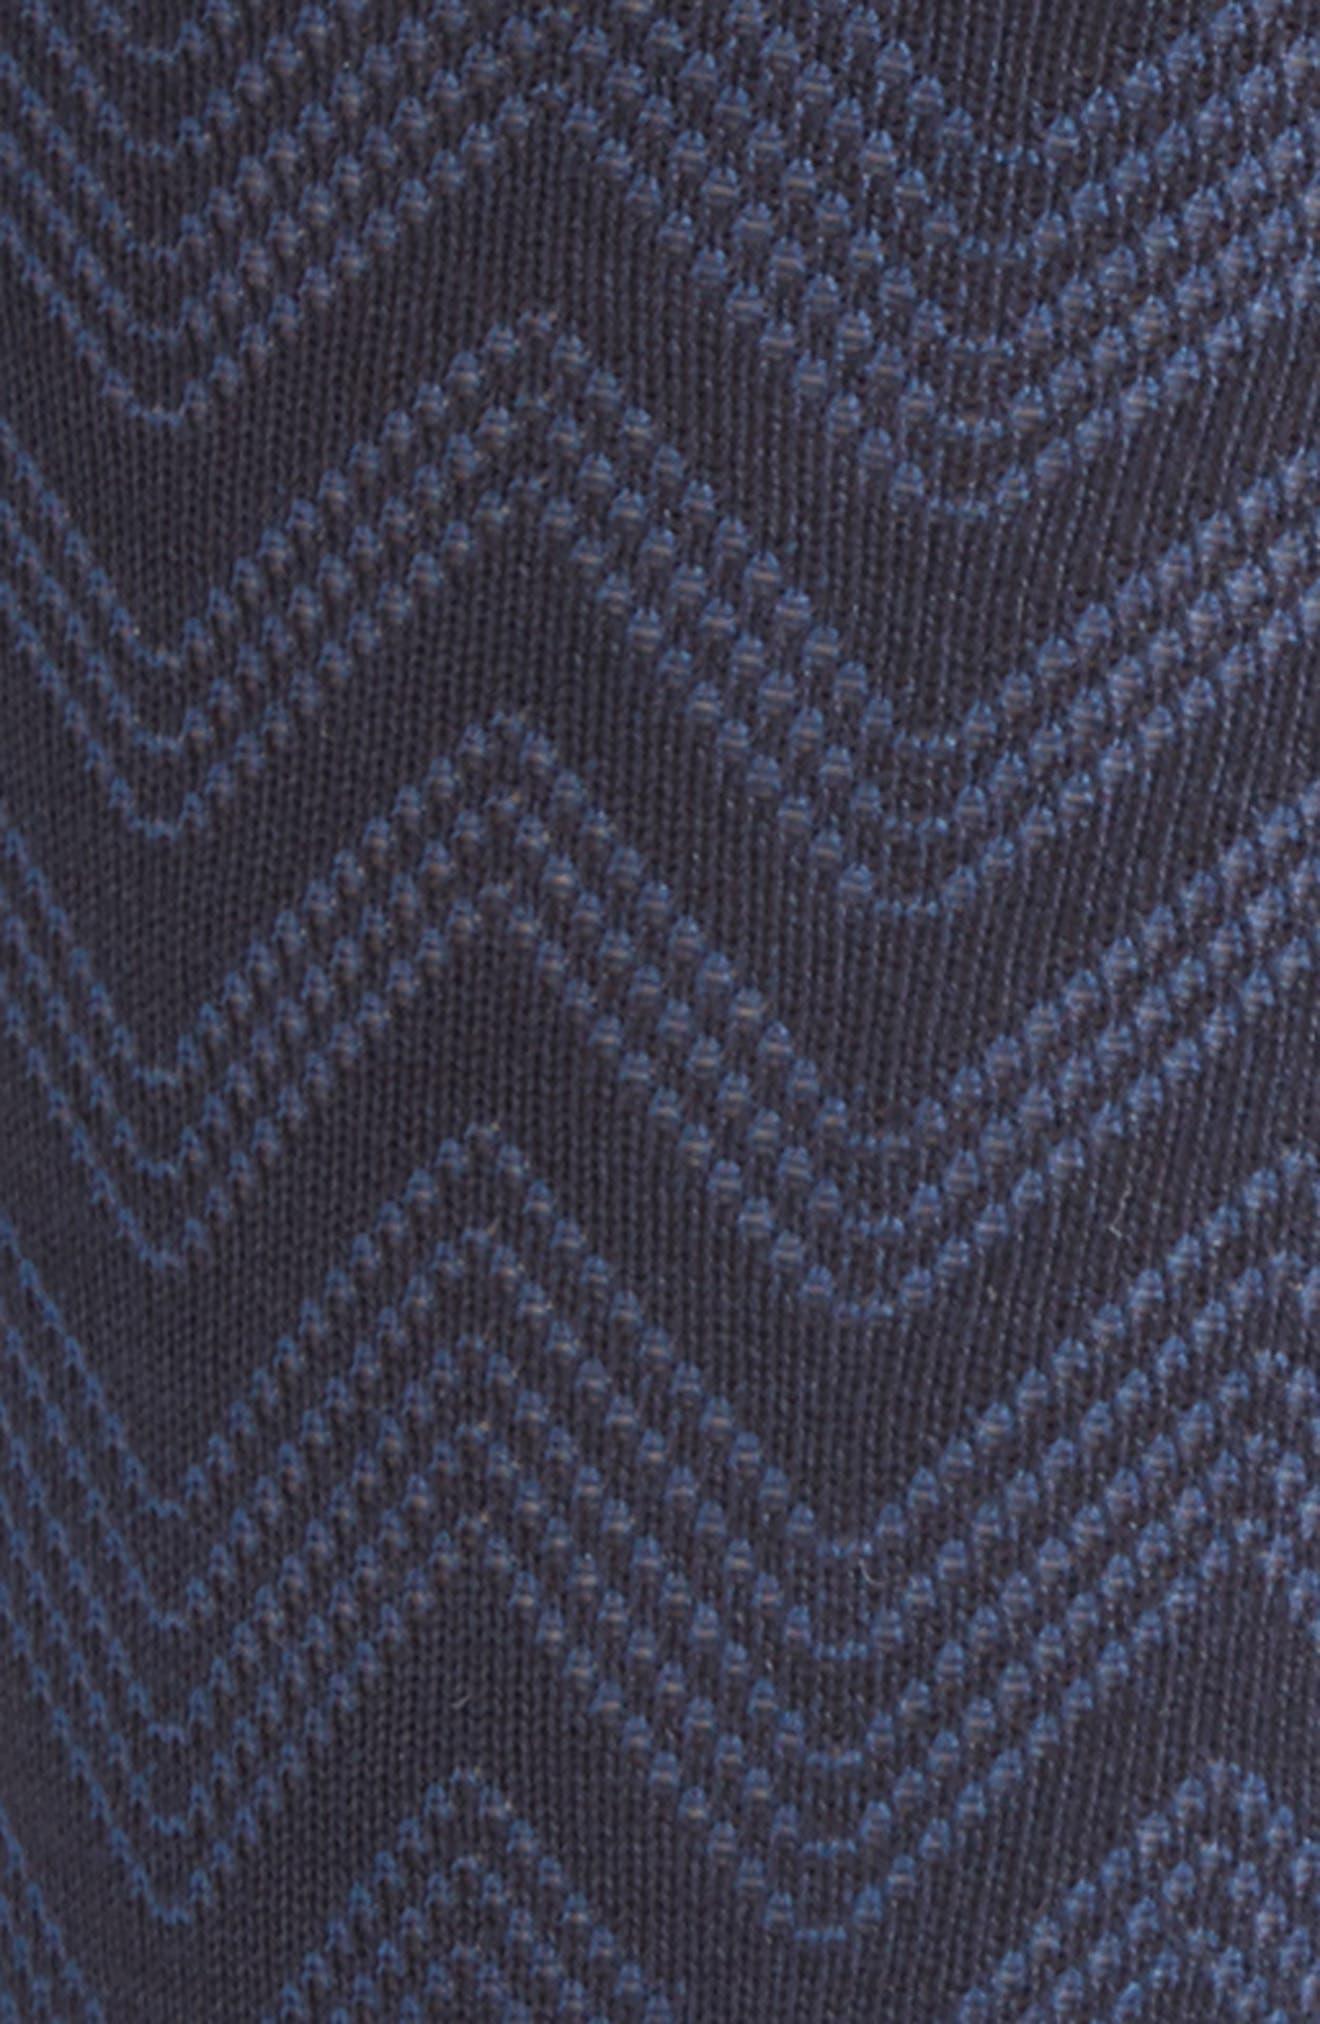 Chevron Socks,                             Alternate thumbnail 2, color,                             Navy